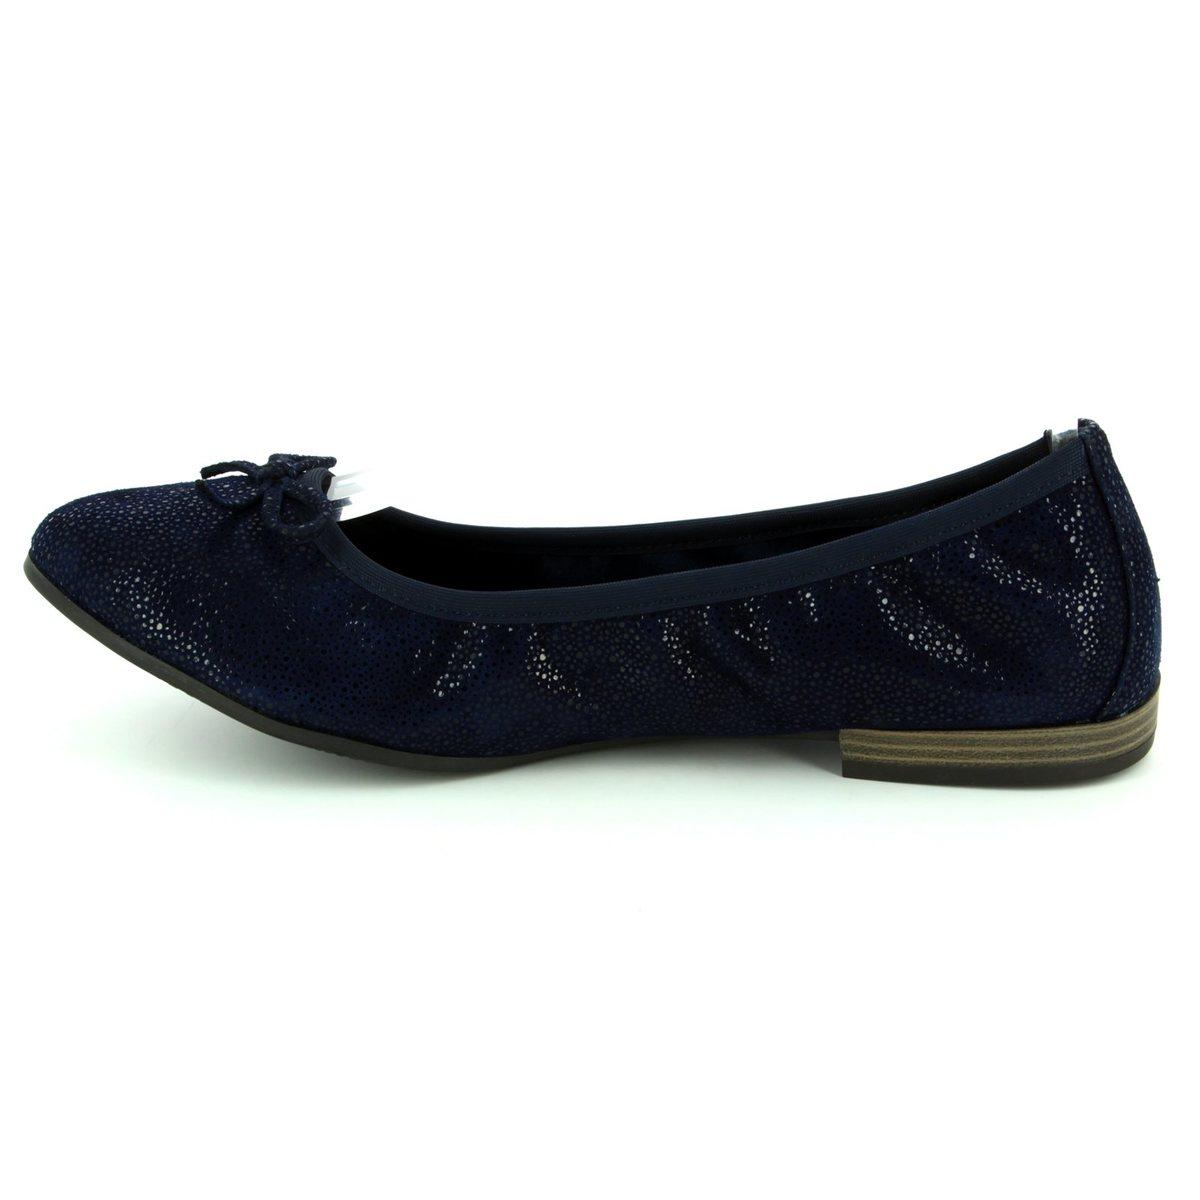 efb75d248ba 22116/855 Alena at Begg Shoes & Bags